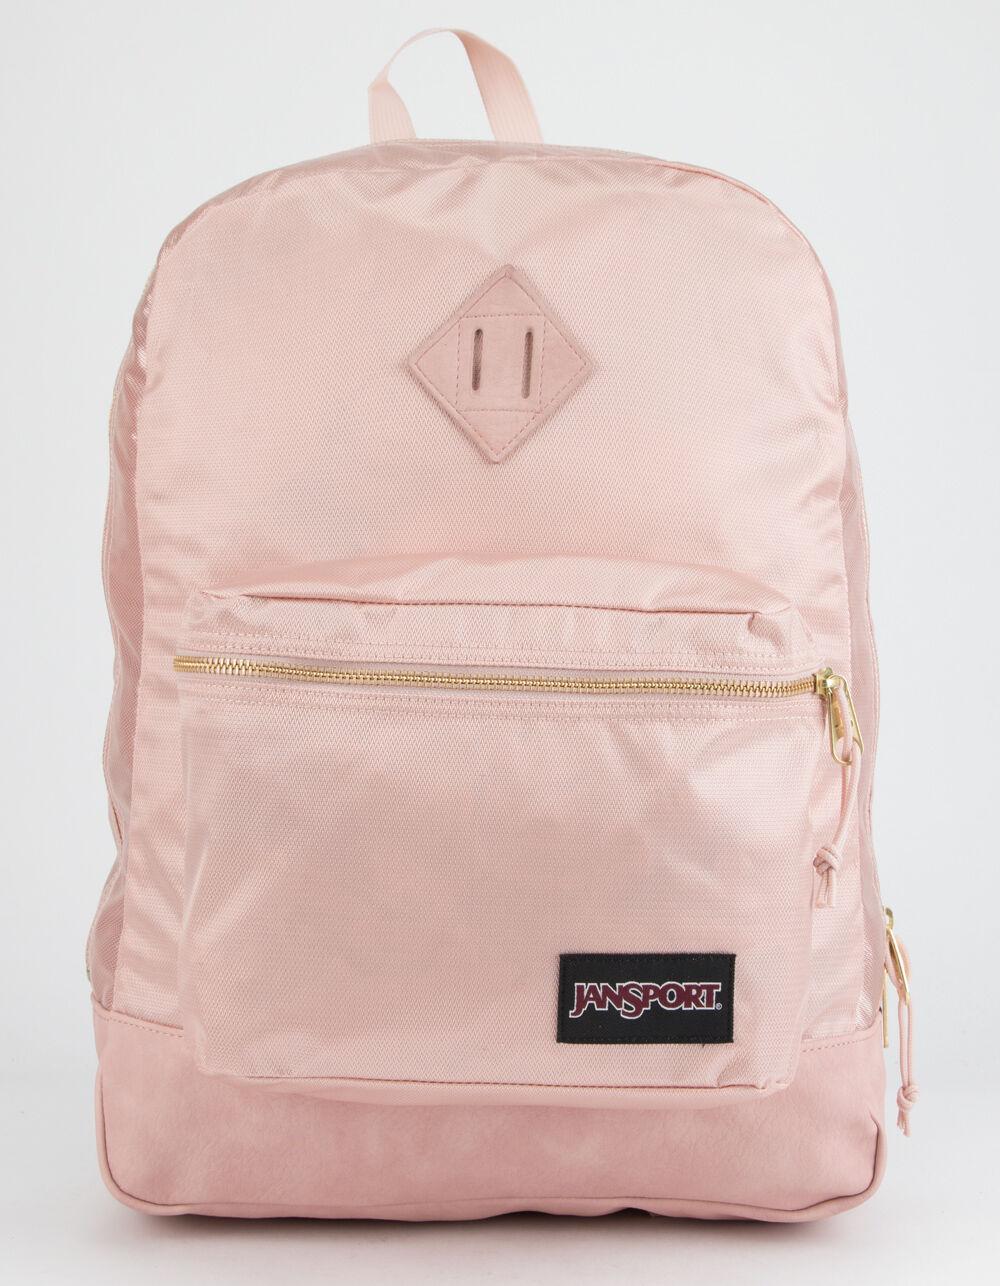 JANSPORT Super FX Rose Smoke & Gold Backpack